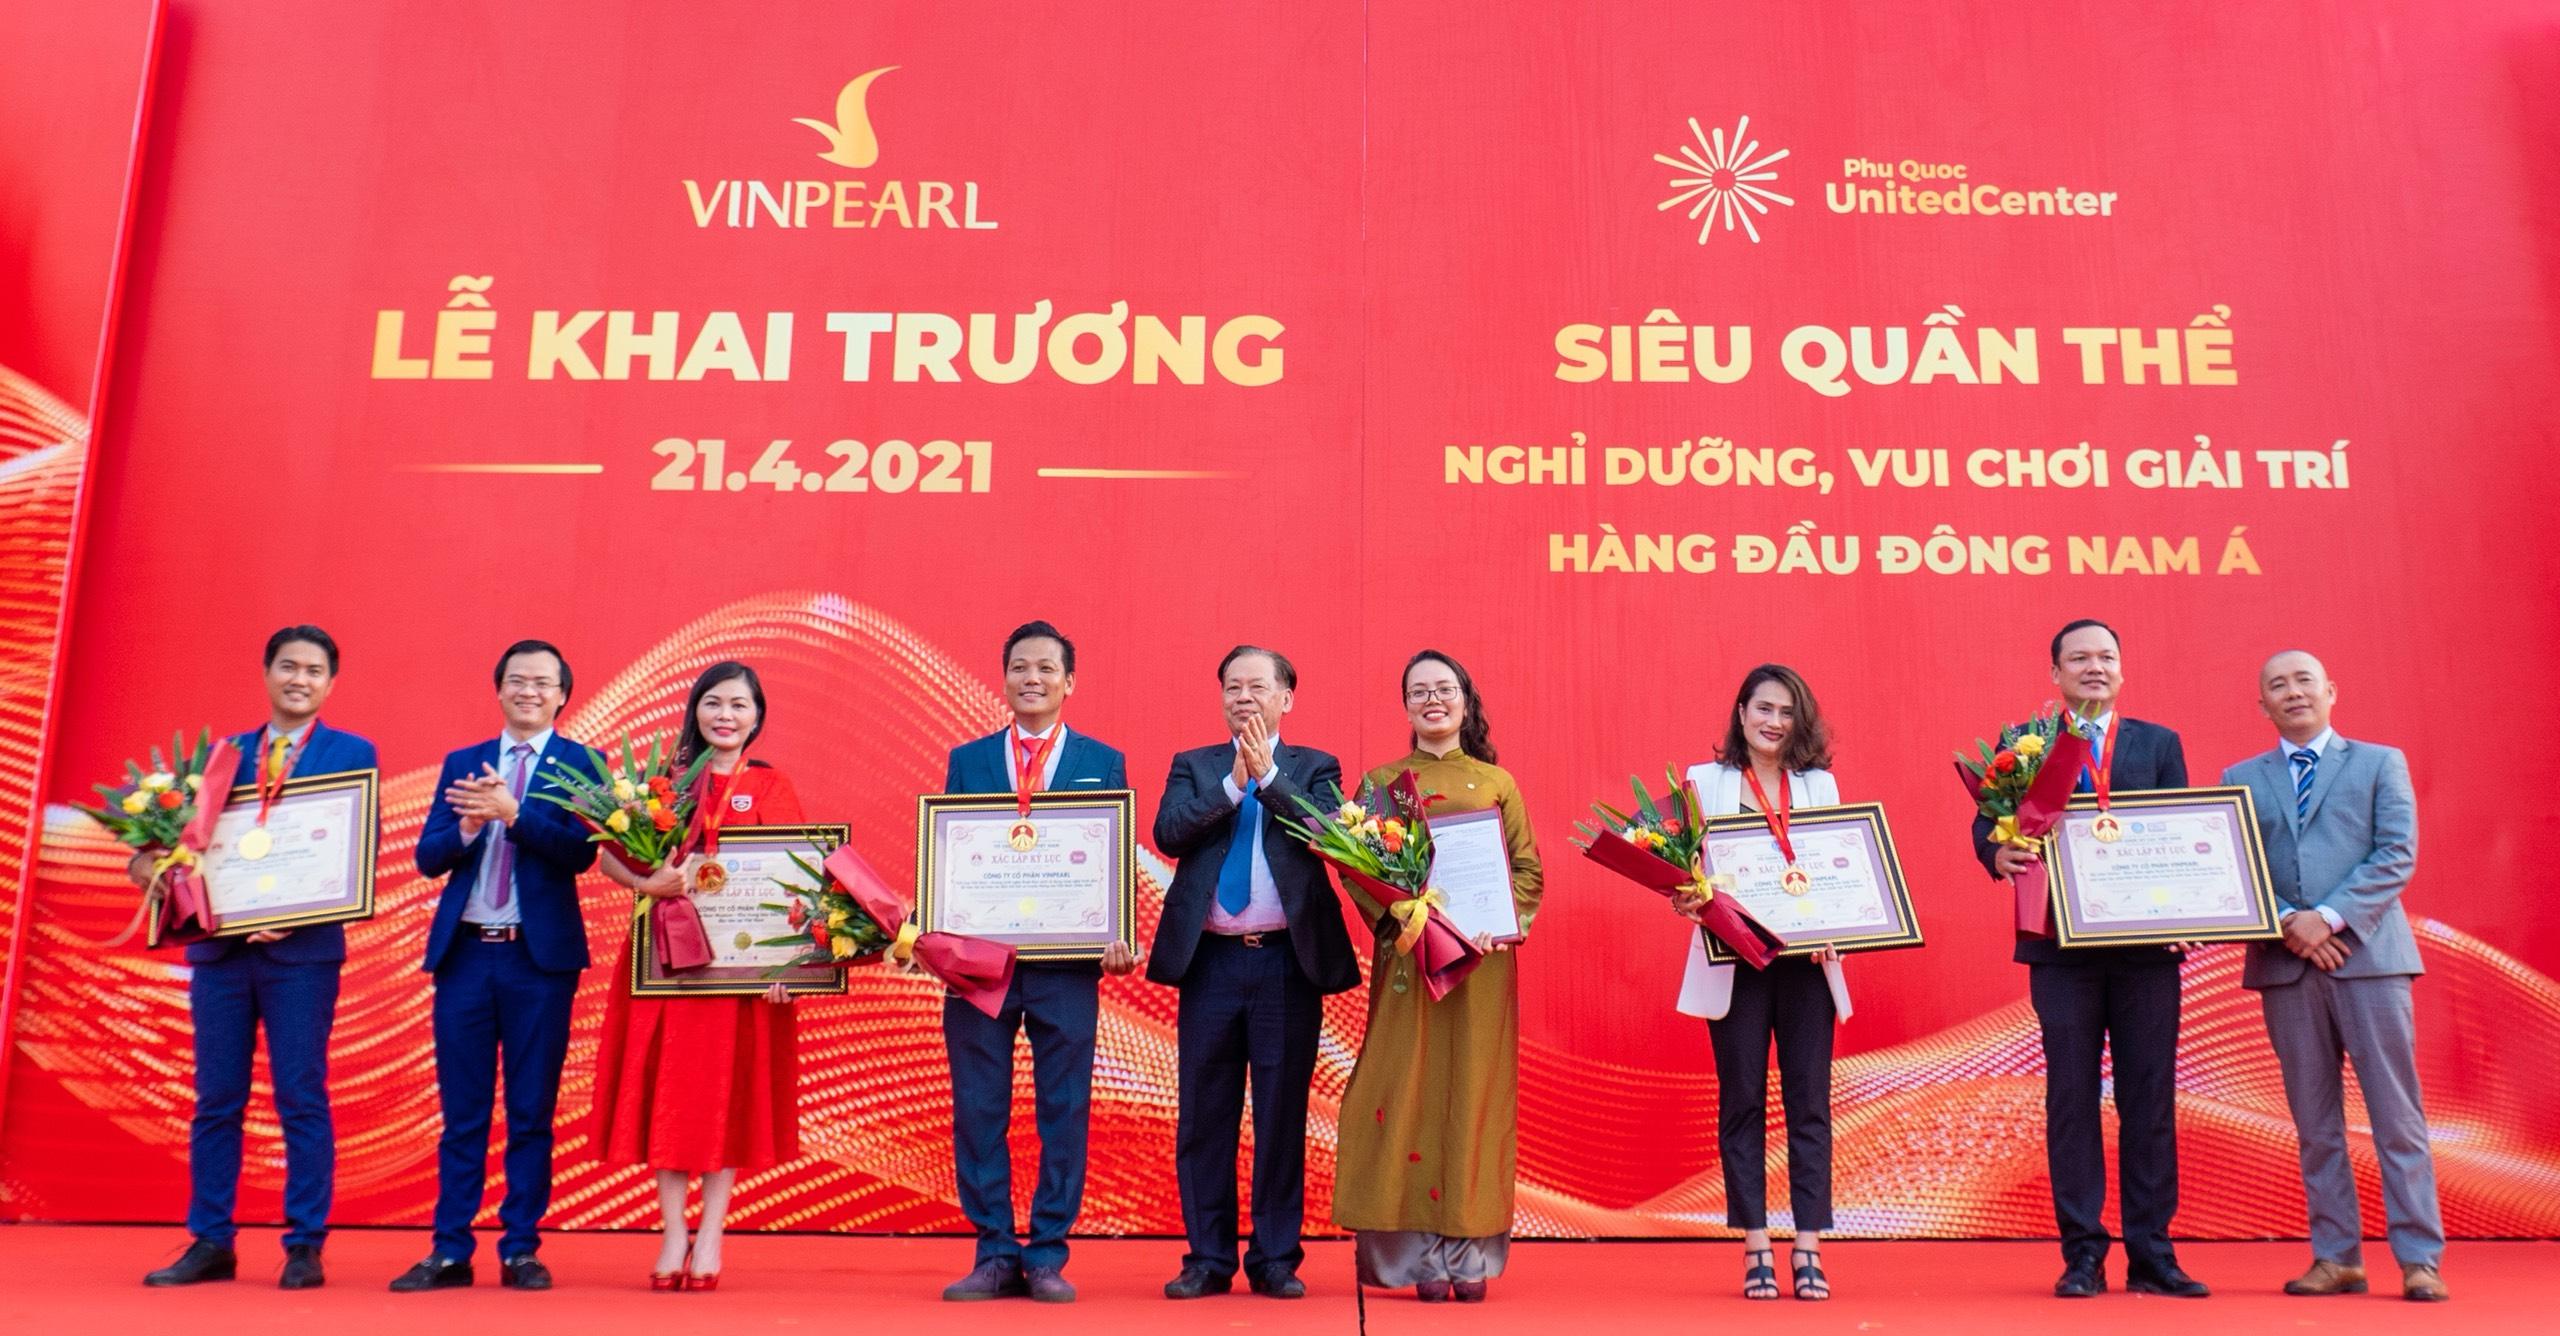 Ban đại diện Tổ chức Kỷ lục Việt Nam trao bằng xác lập 5 kỷ lục đến đại diện tập đoàn Vingroup.